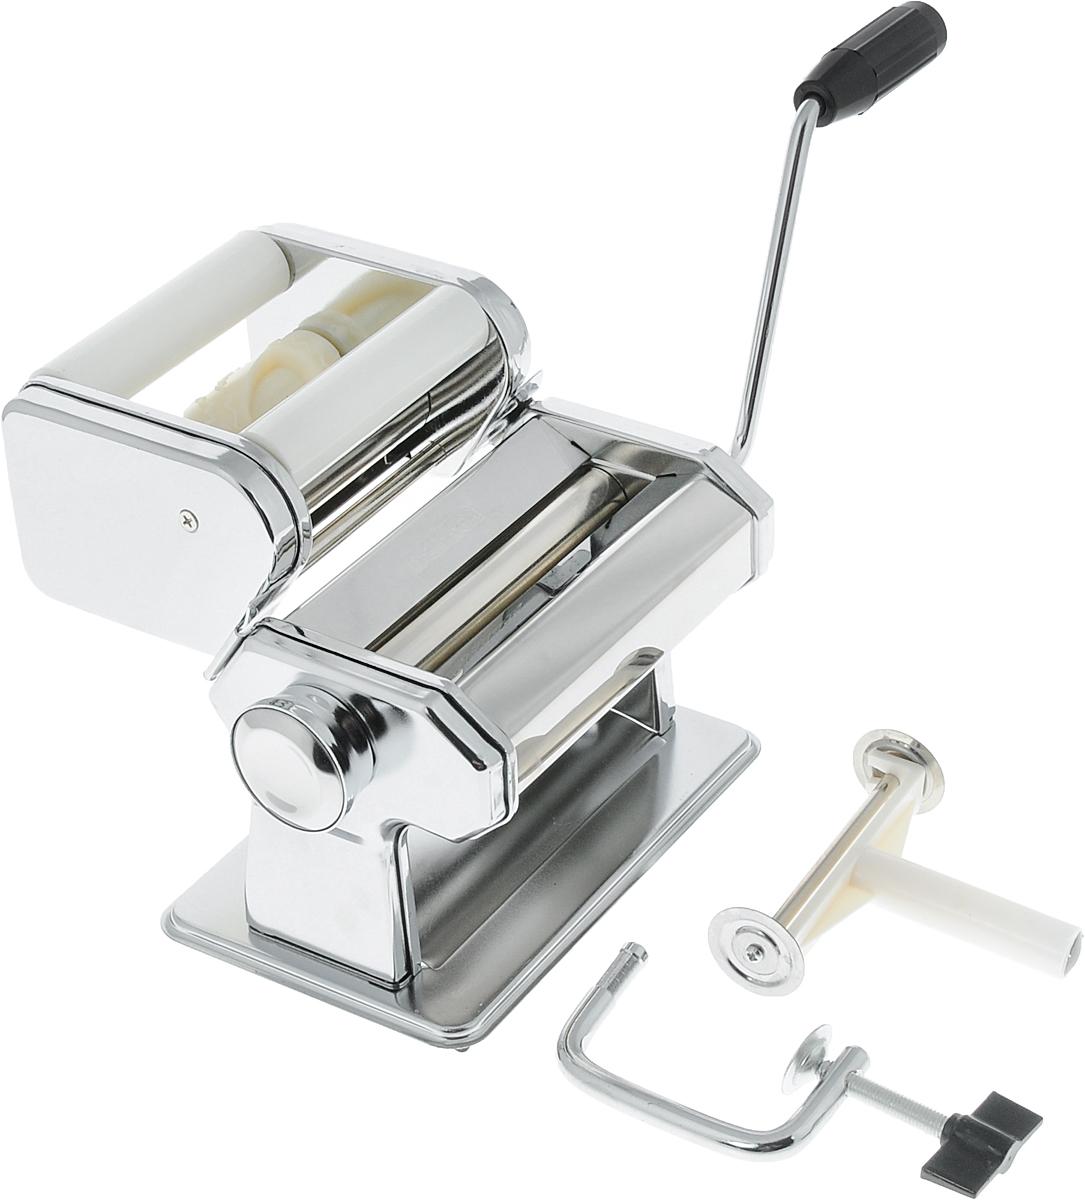 Машинка для изготовления пельменей Bekker двойной нож для изготовления цветов через интернет